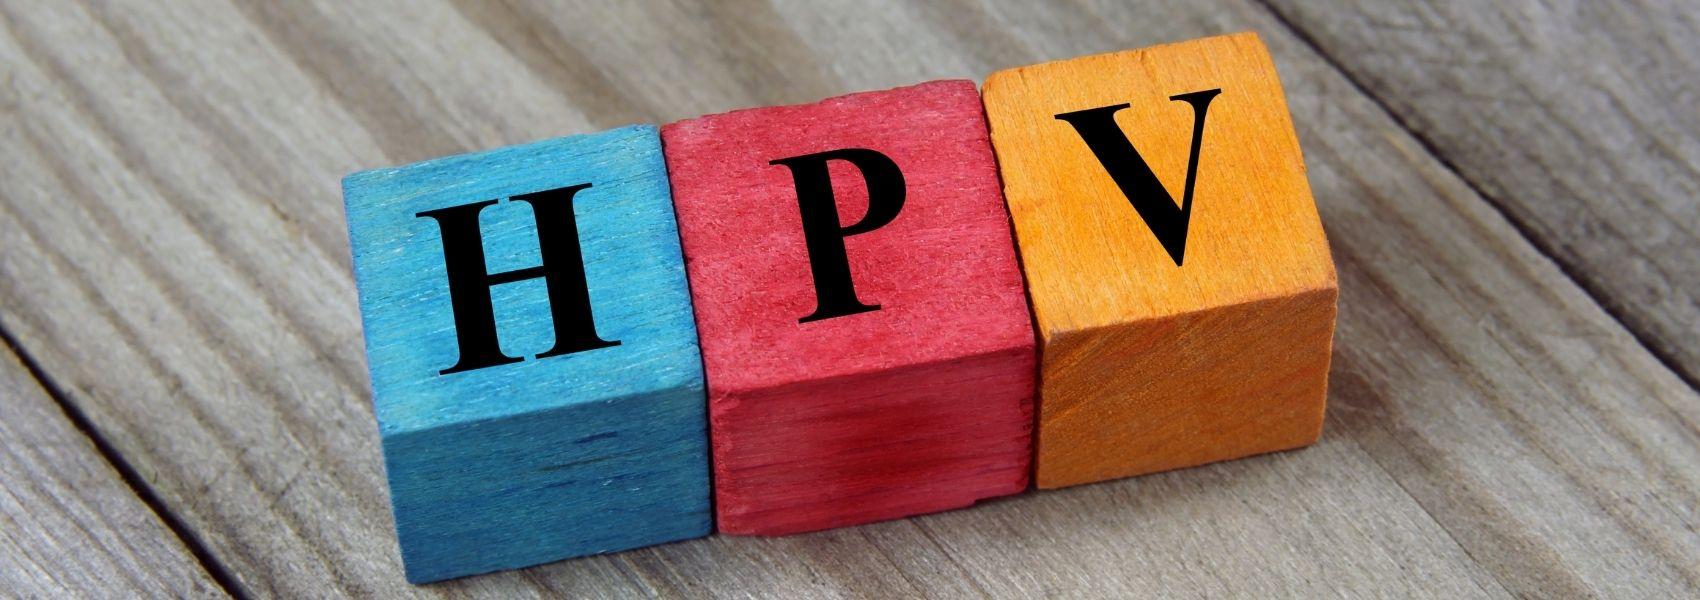 Teste à saliva pode permitir a deteção precoce de cancros da cabeça e pescoço